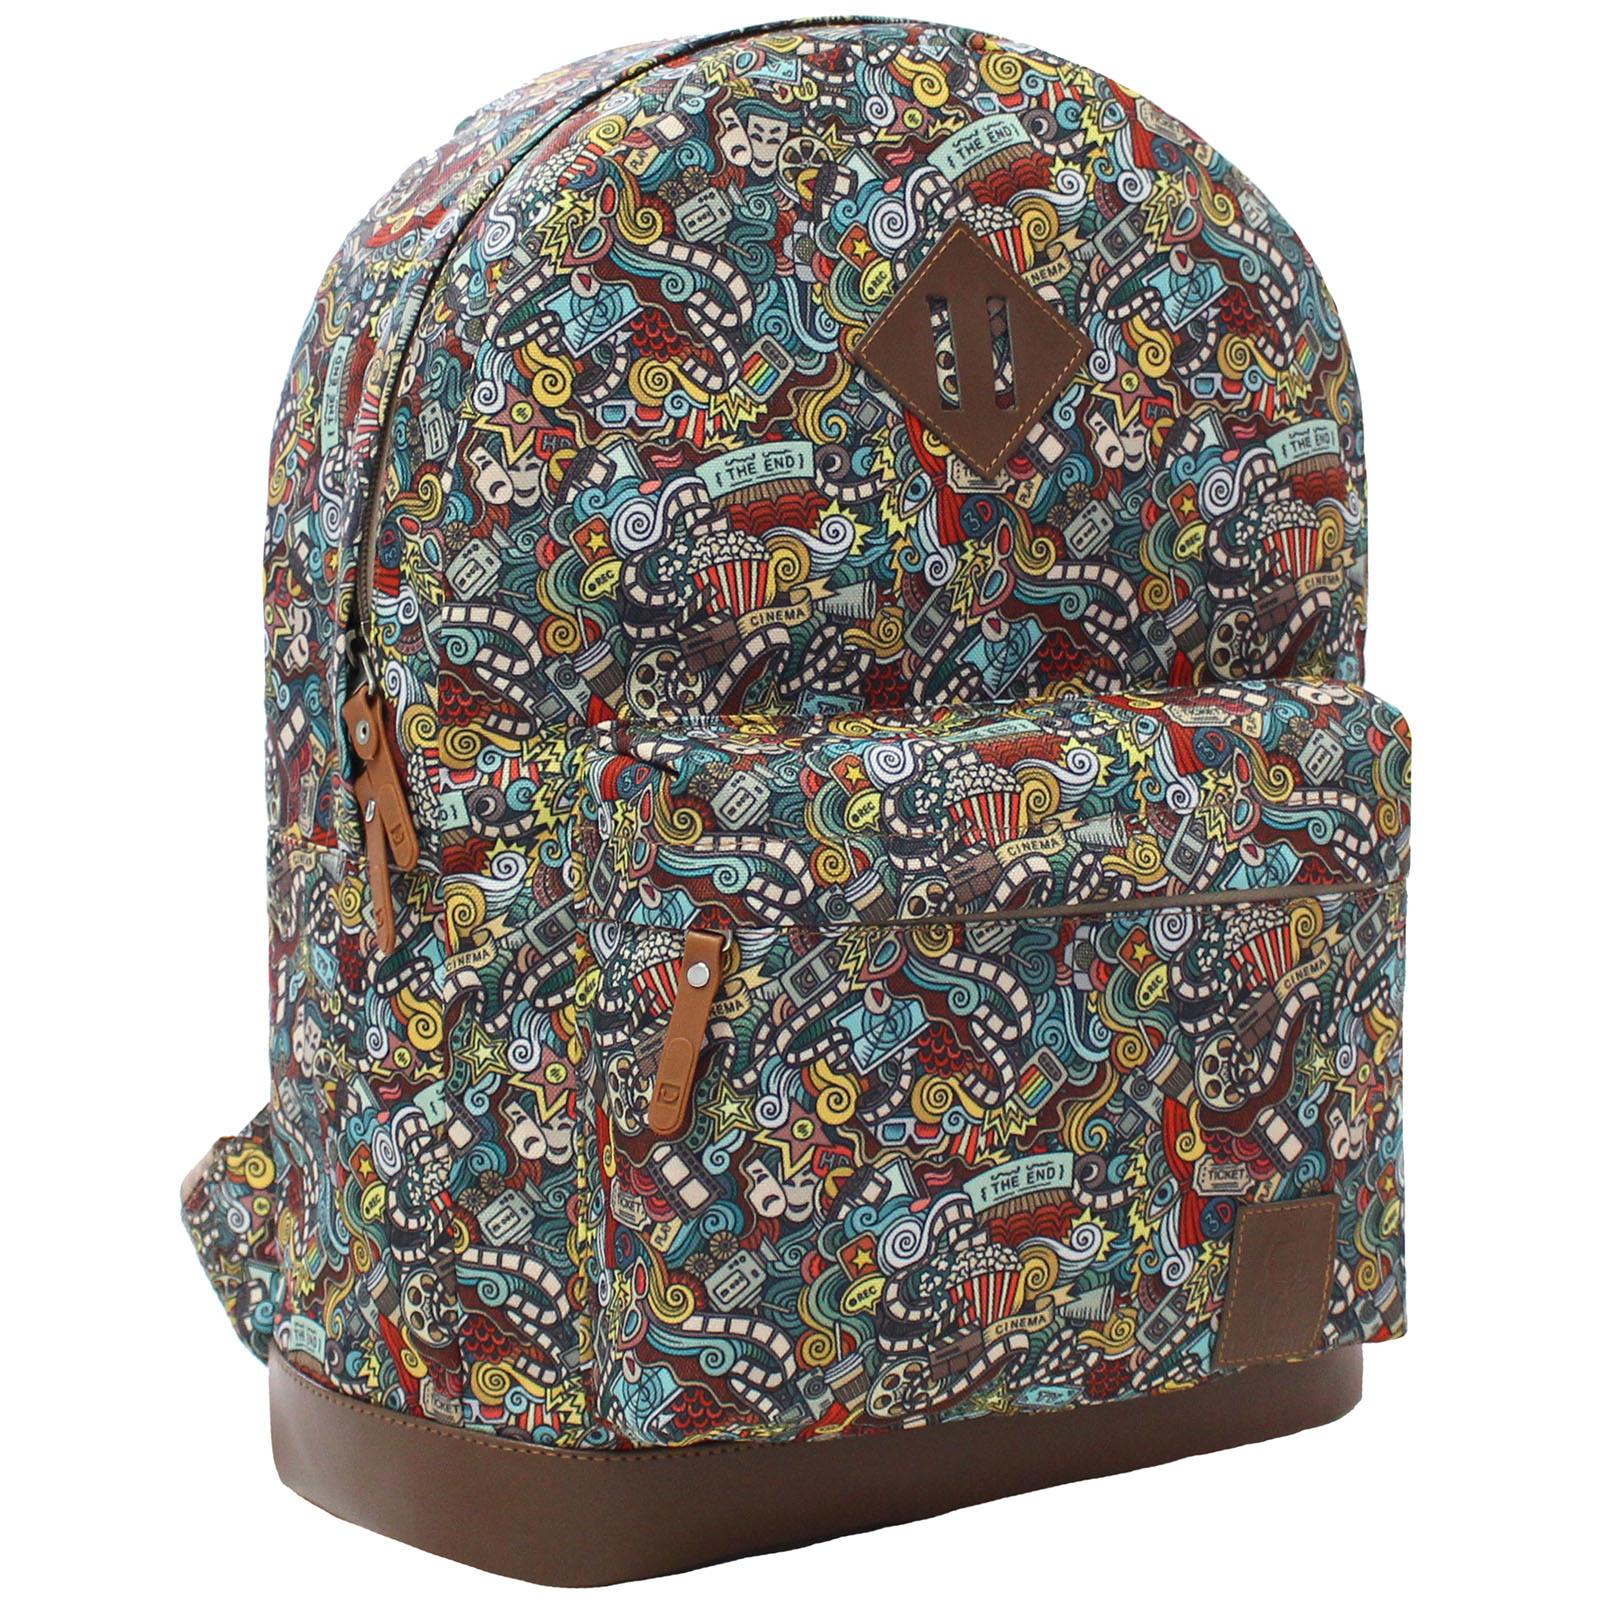 Городские рюкзаки Рюкзак Bagland Молодежный 17 л. сублімація 74 (005336640) IMG_5743.JPG